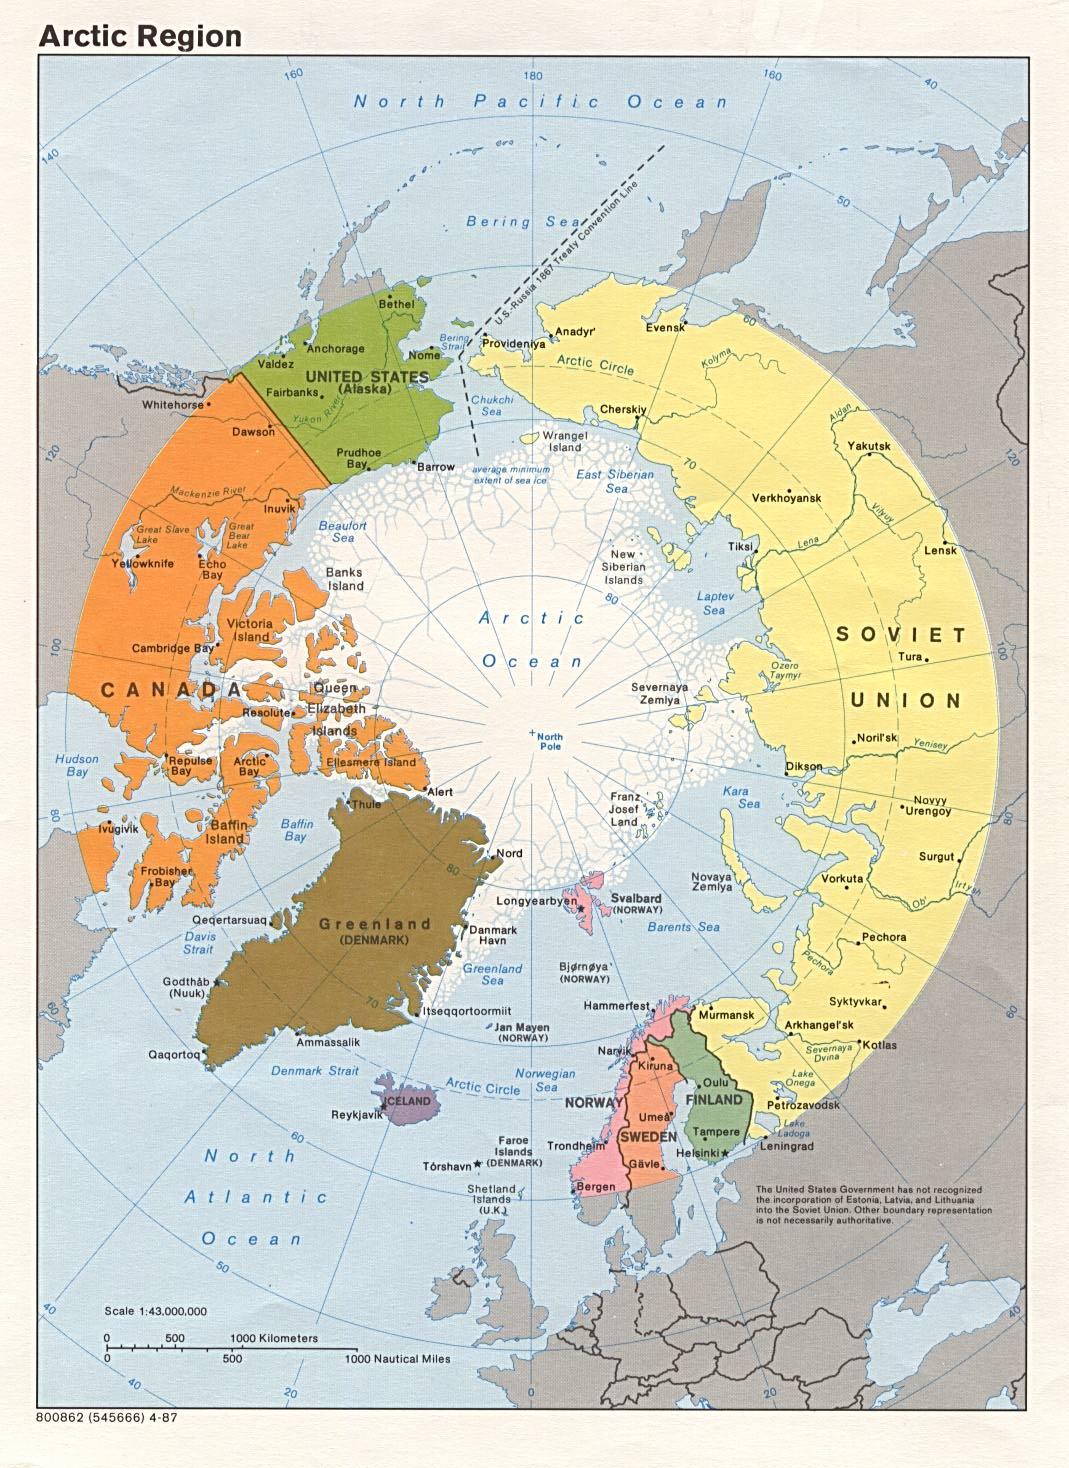 Mapa Politico del Ártico 1987